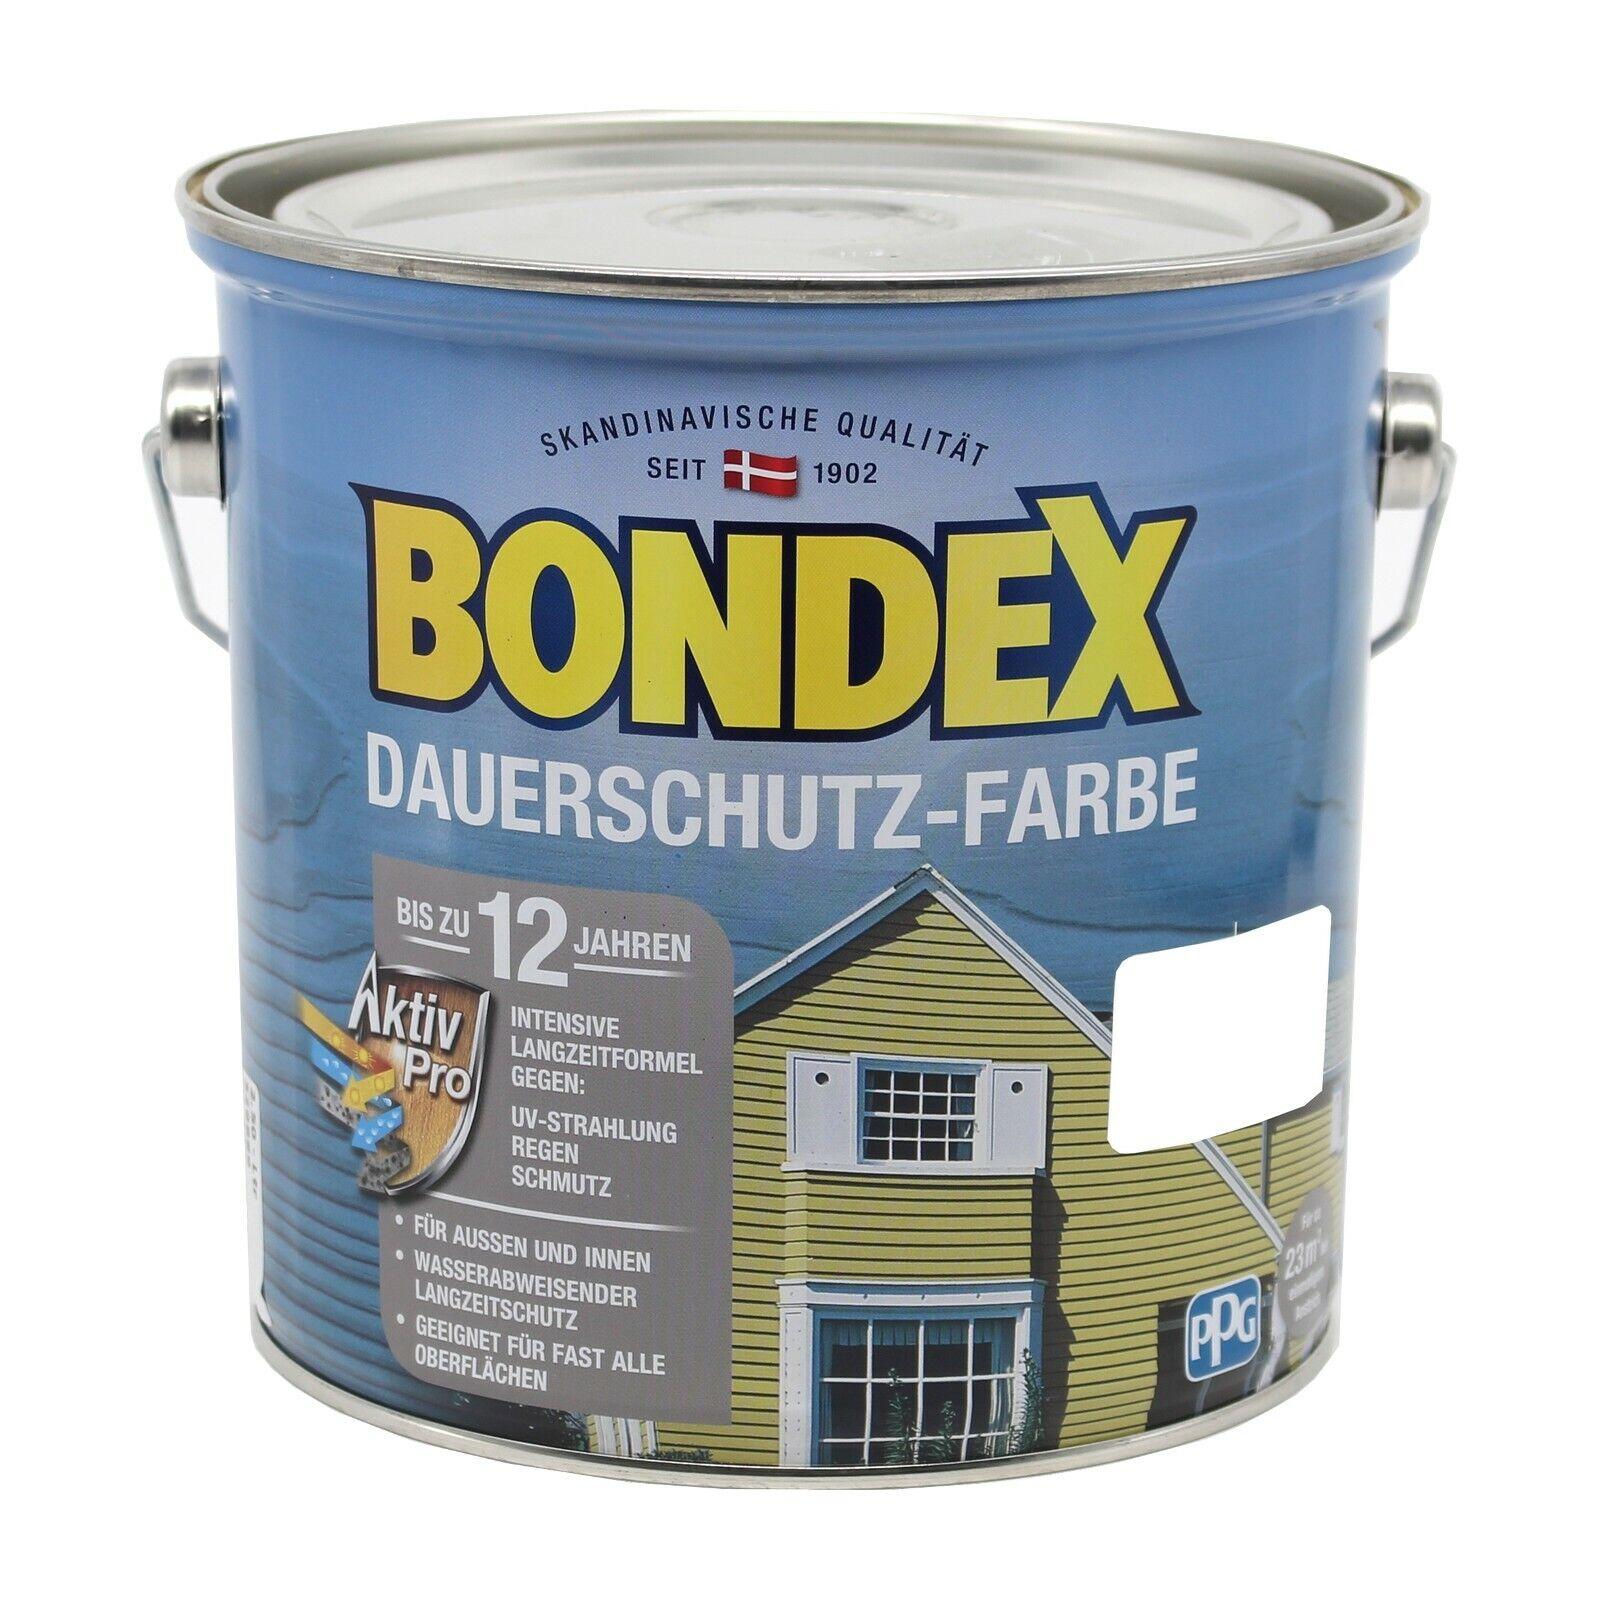 Bondex Dauerschutzfarbe Champagner (Cremeweiss) 2,5 Liter